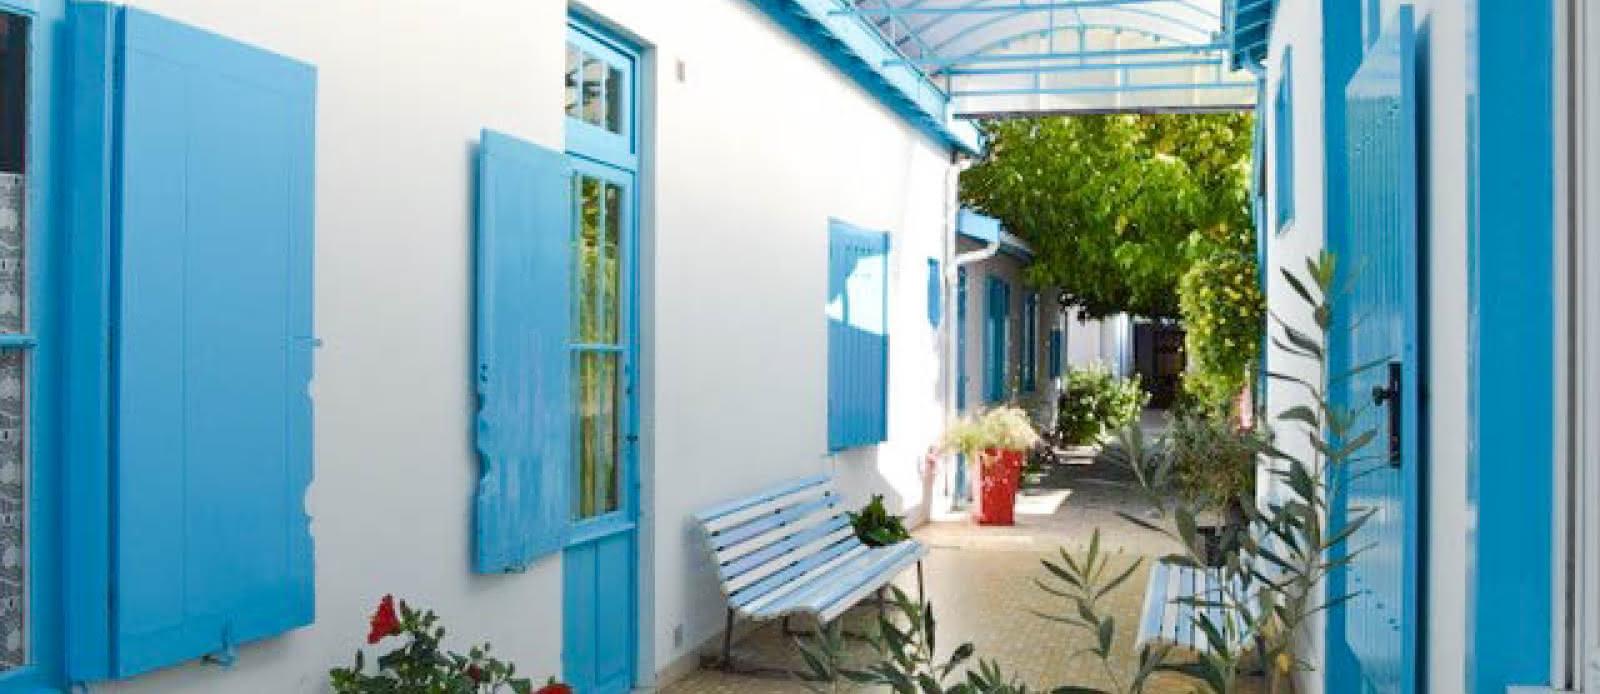 Location Mme Dechamps Villa Marie-Jeanne Apt 2 pers- 2019